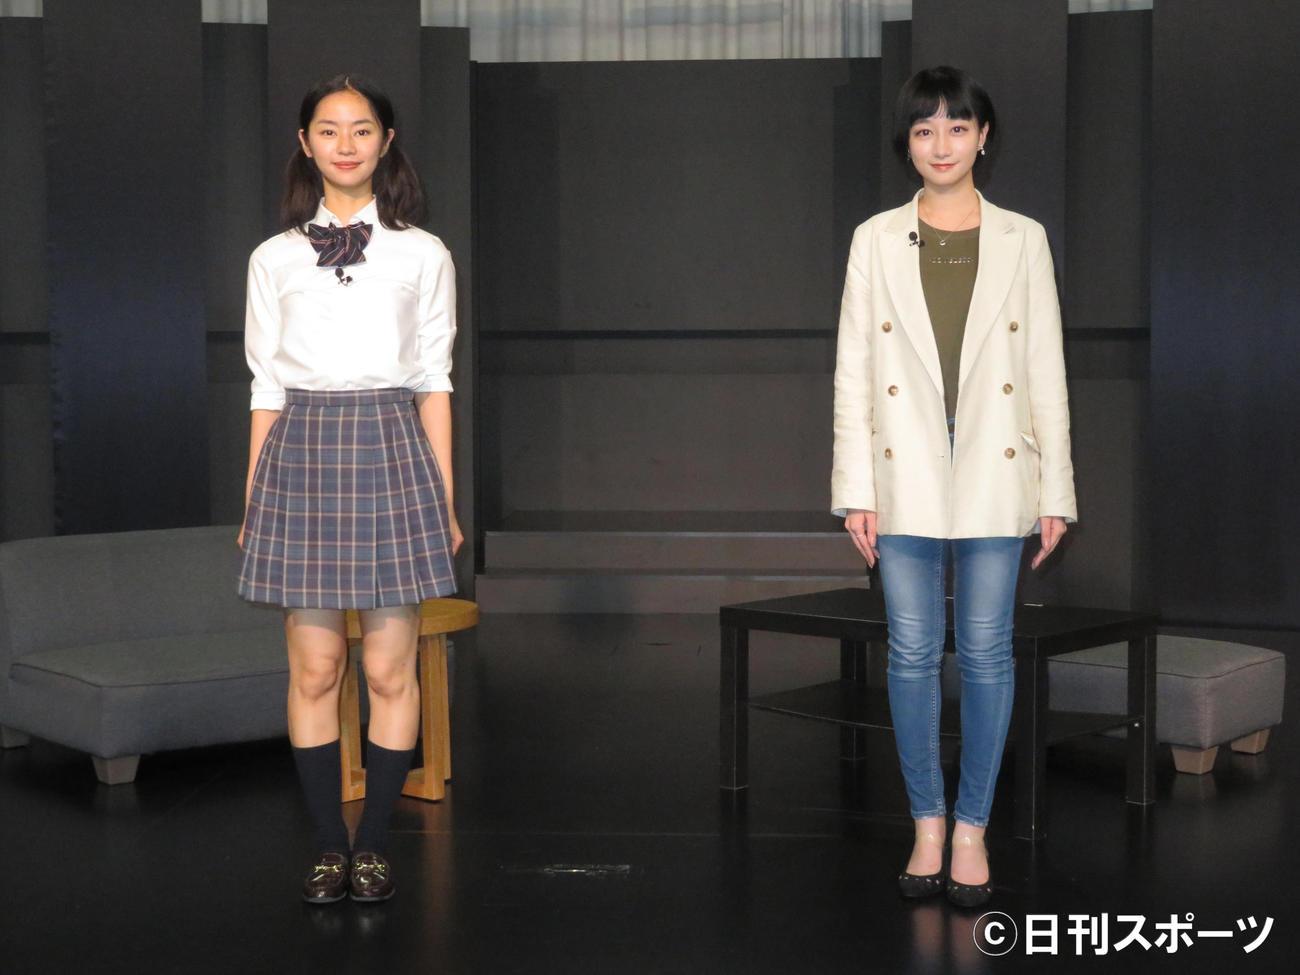 初の一人芝居に挑戦した劇団4ドル50セント前田悠雅(左)と福島雪菜(撮影・横山慧)